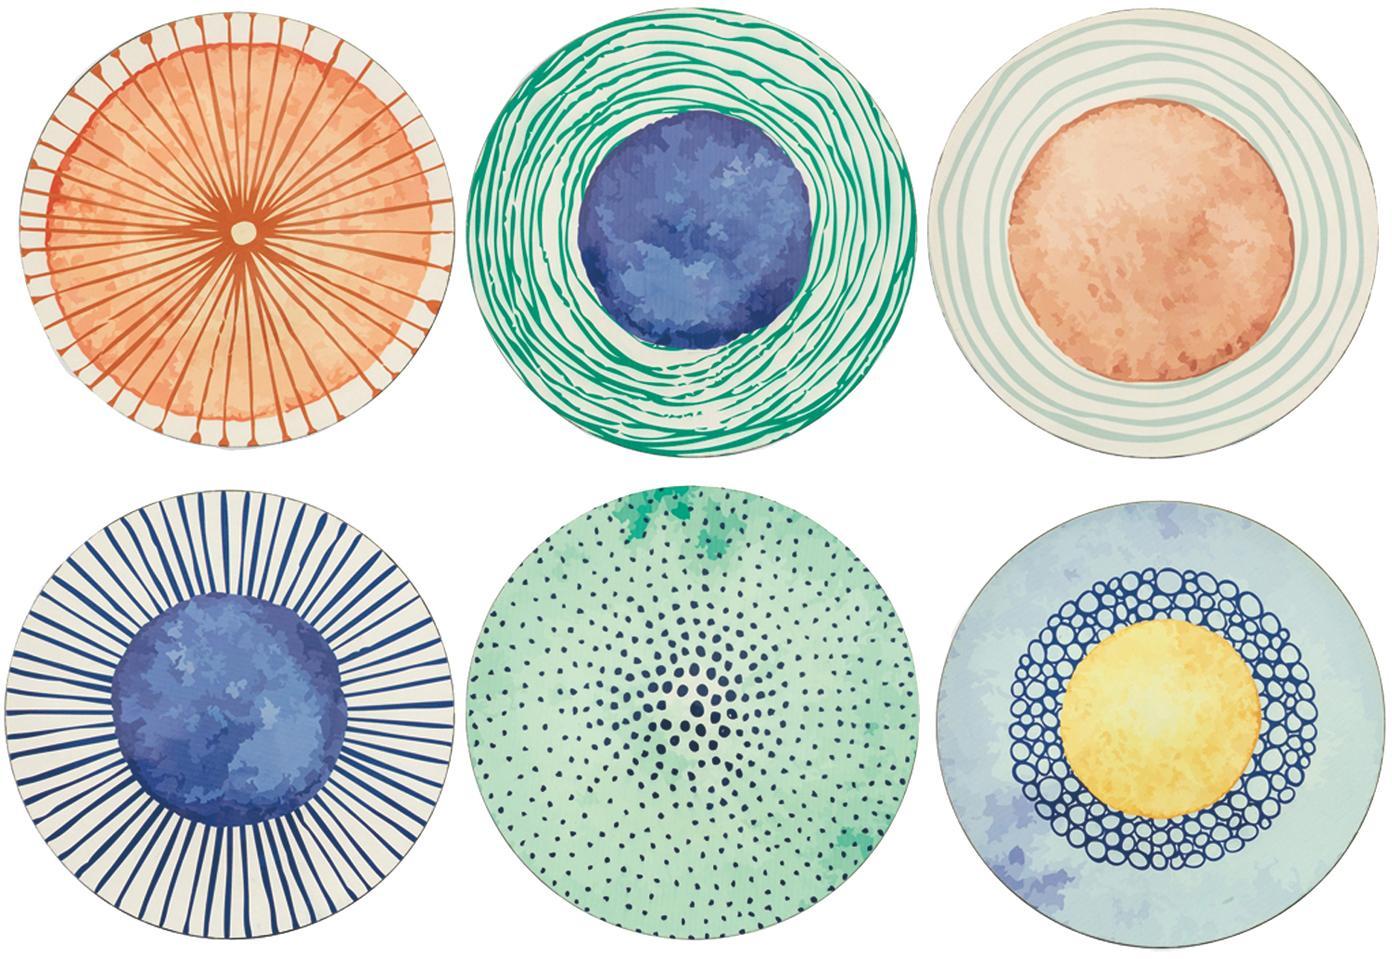 Set 6 sottopiatti con disegni diversi Marea, Materiale sintetico, Blu, bianco, giallo, verde, arancione, Ø 33 cm